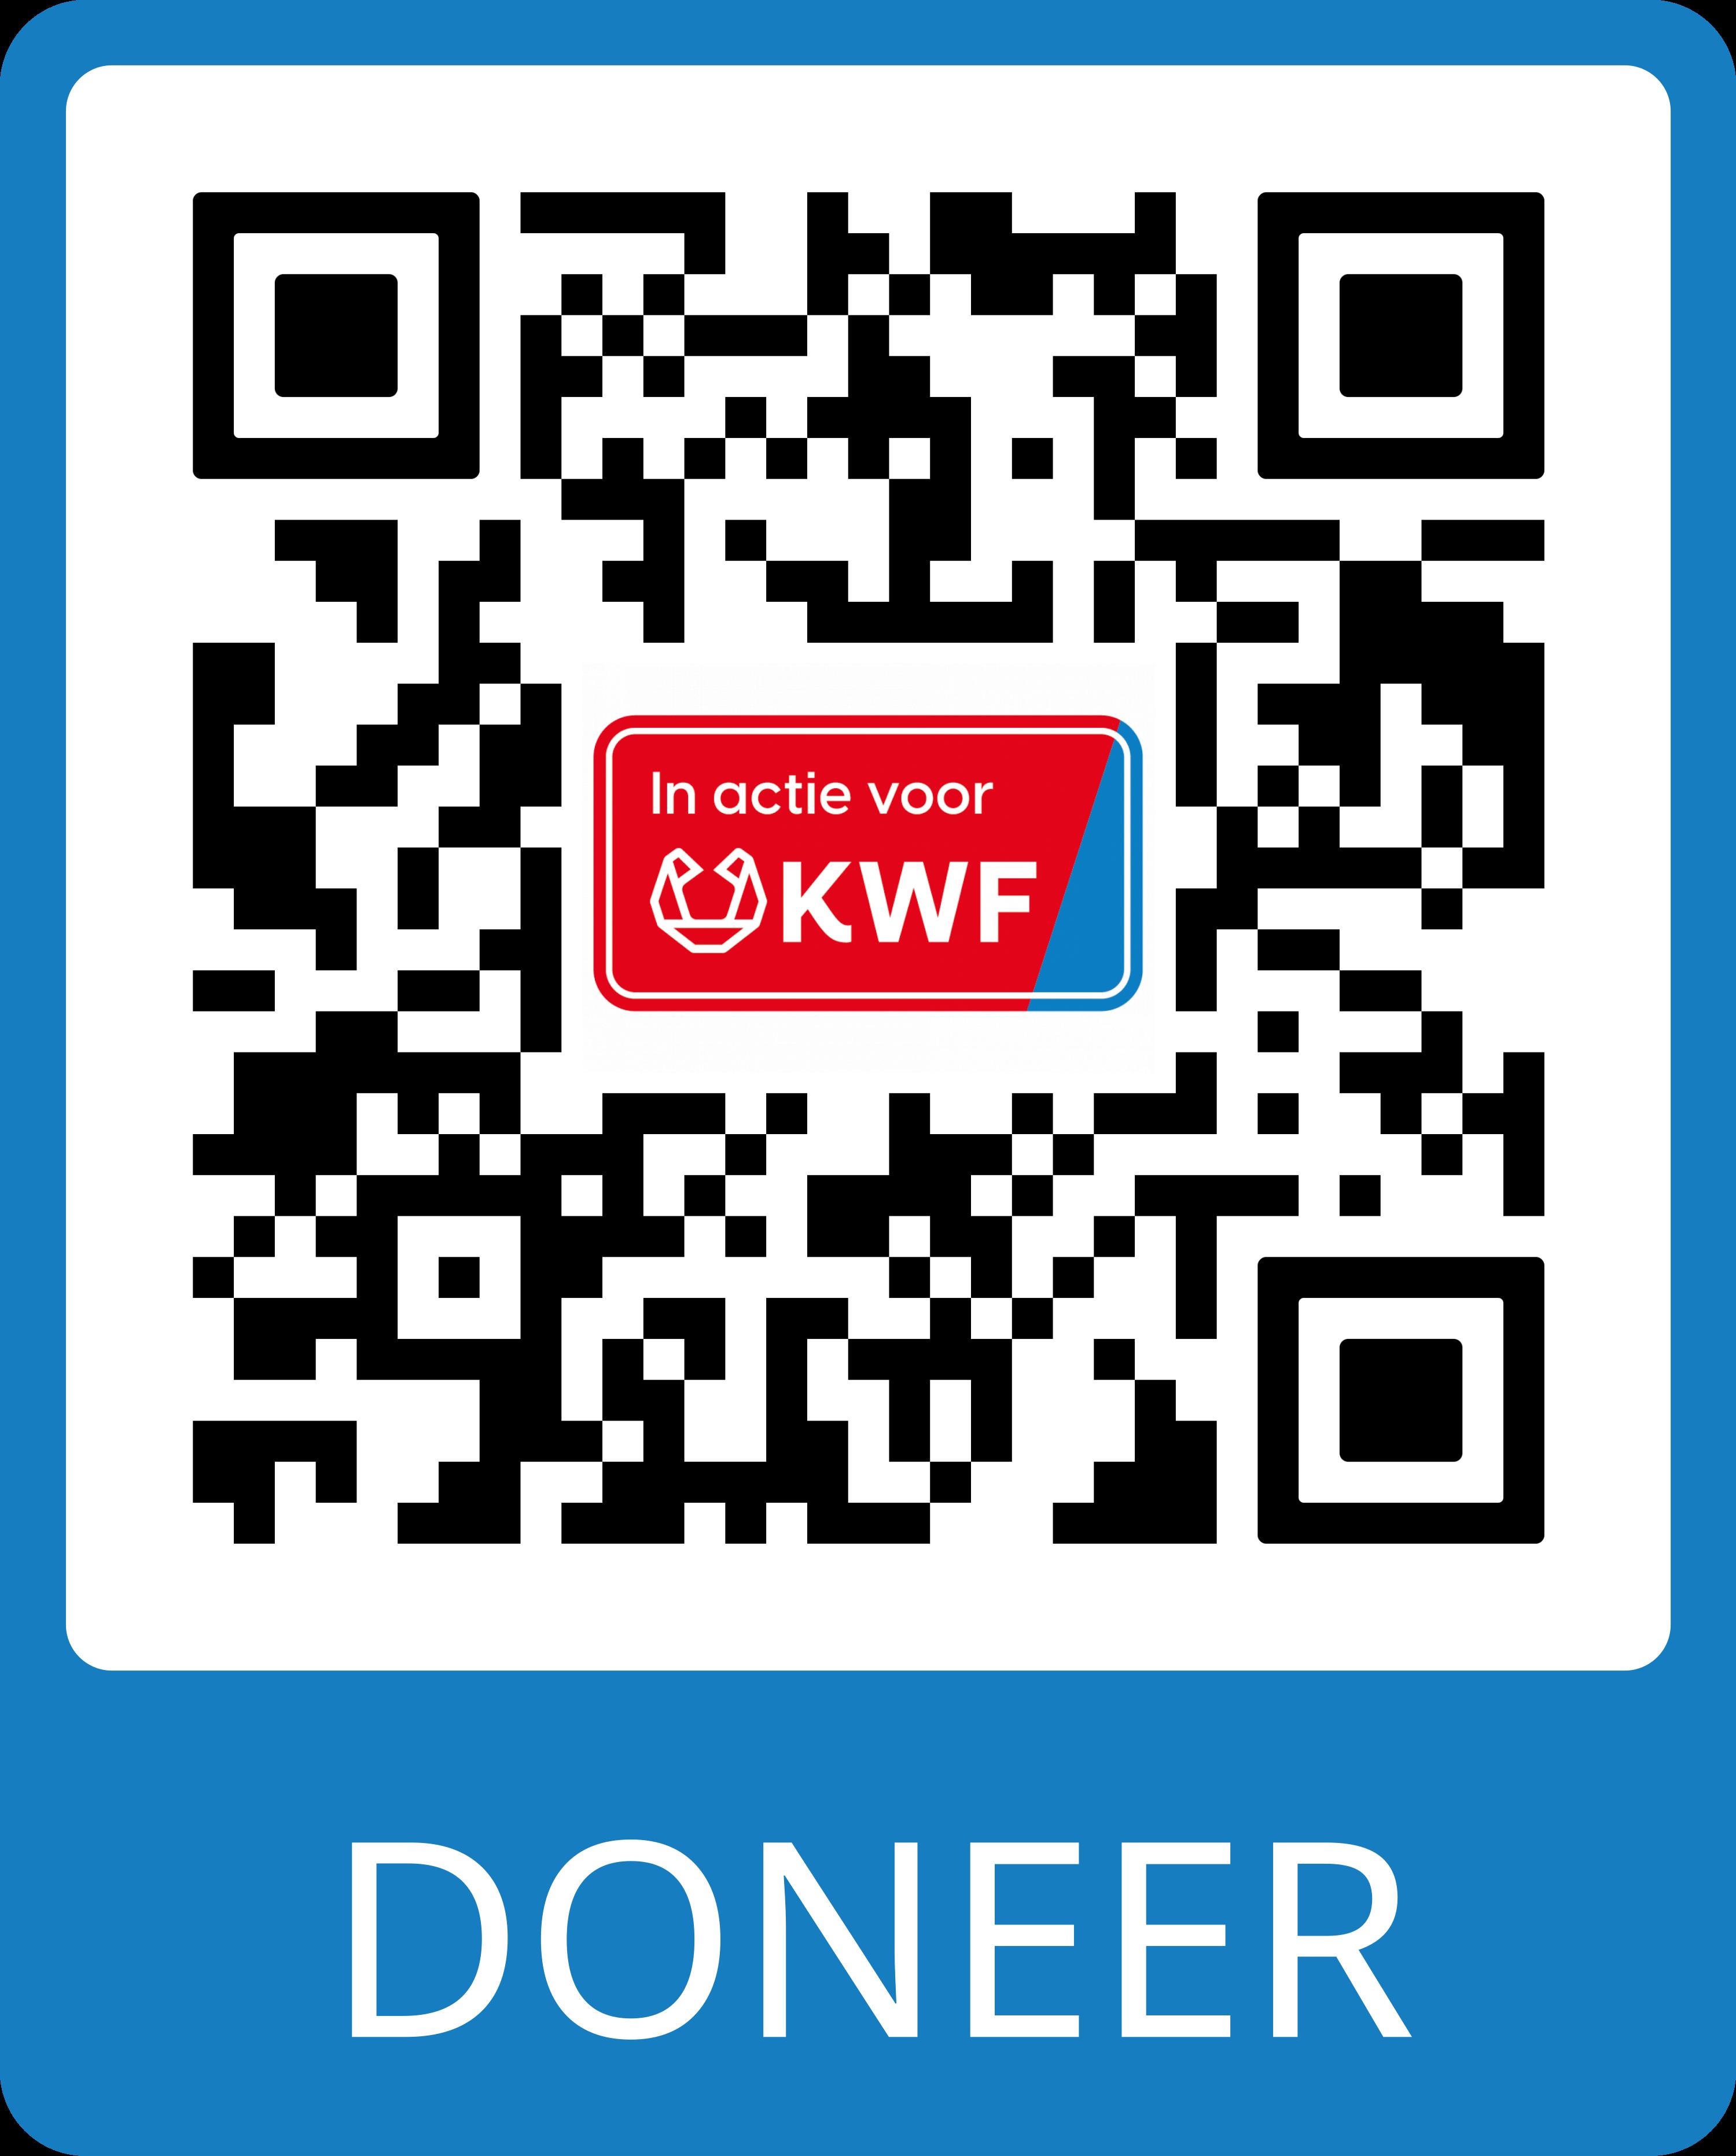 #doneer_kwf